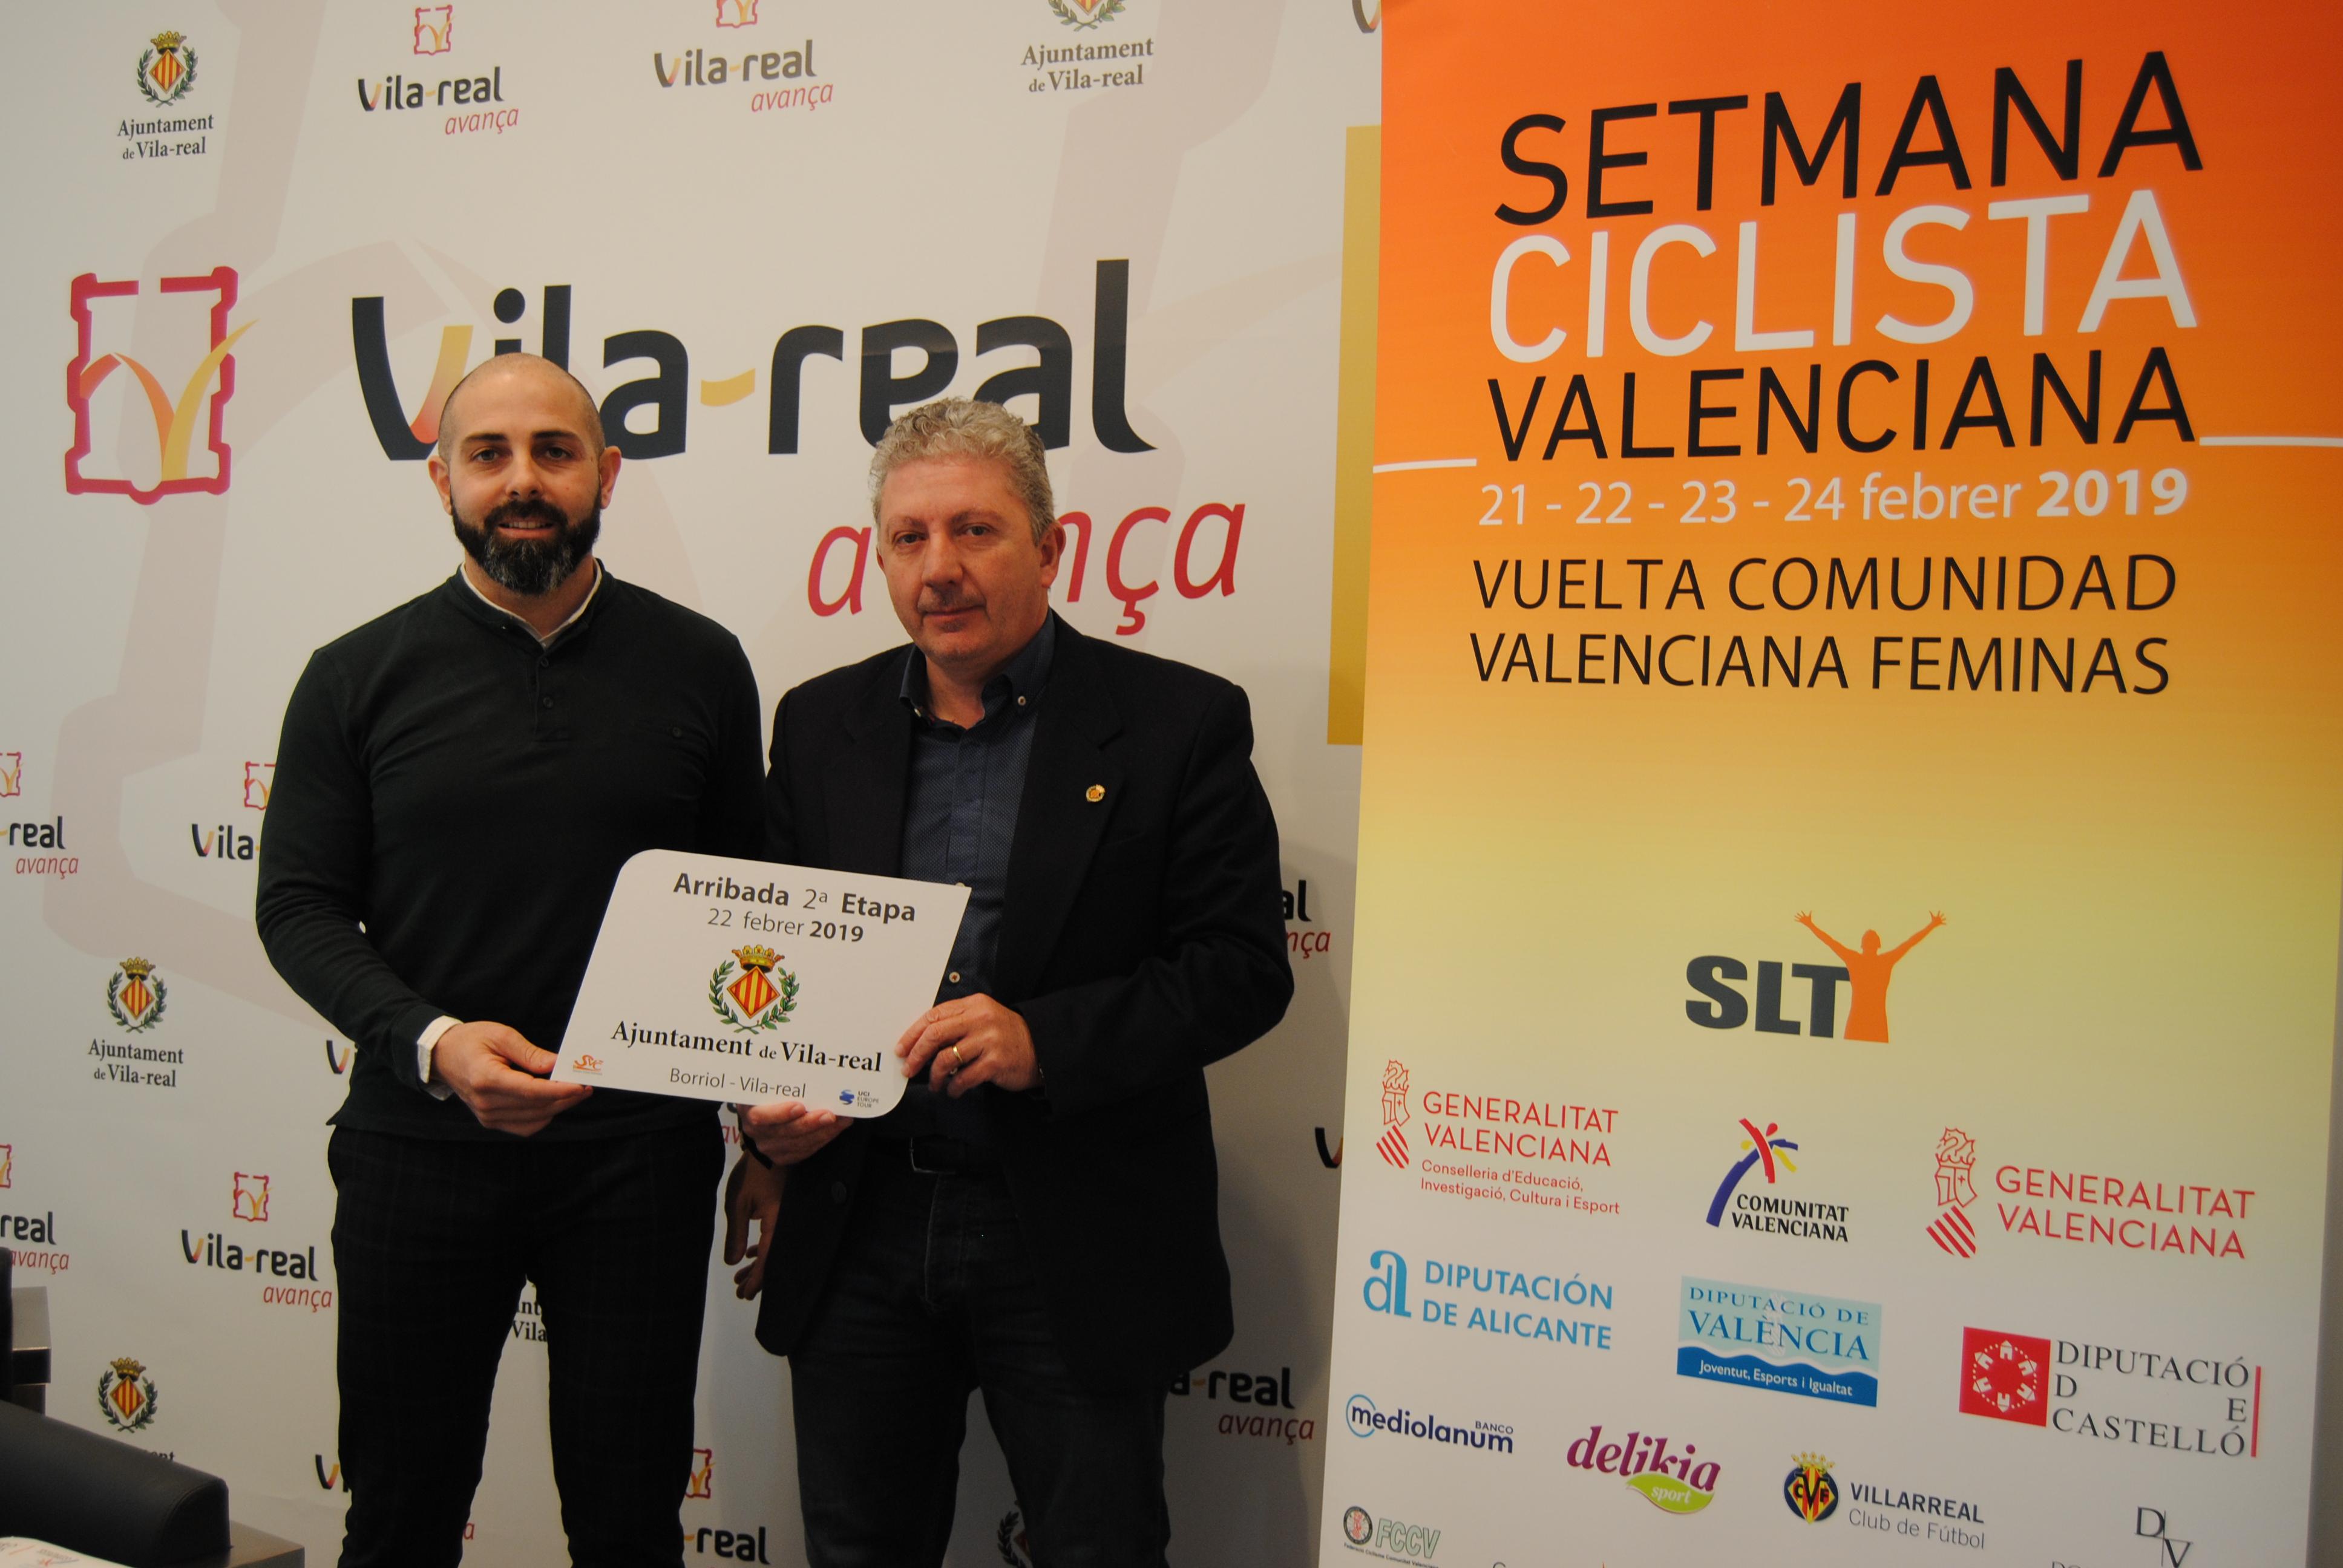 Vila-real acoge la llegada de un etapa de la Vuelta Comunidad Valenciana Féminas.